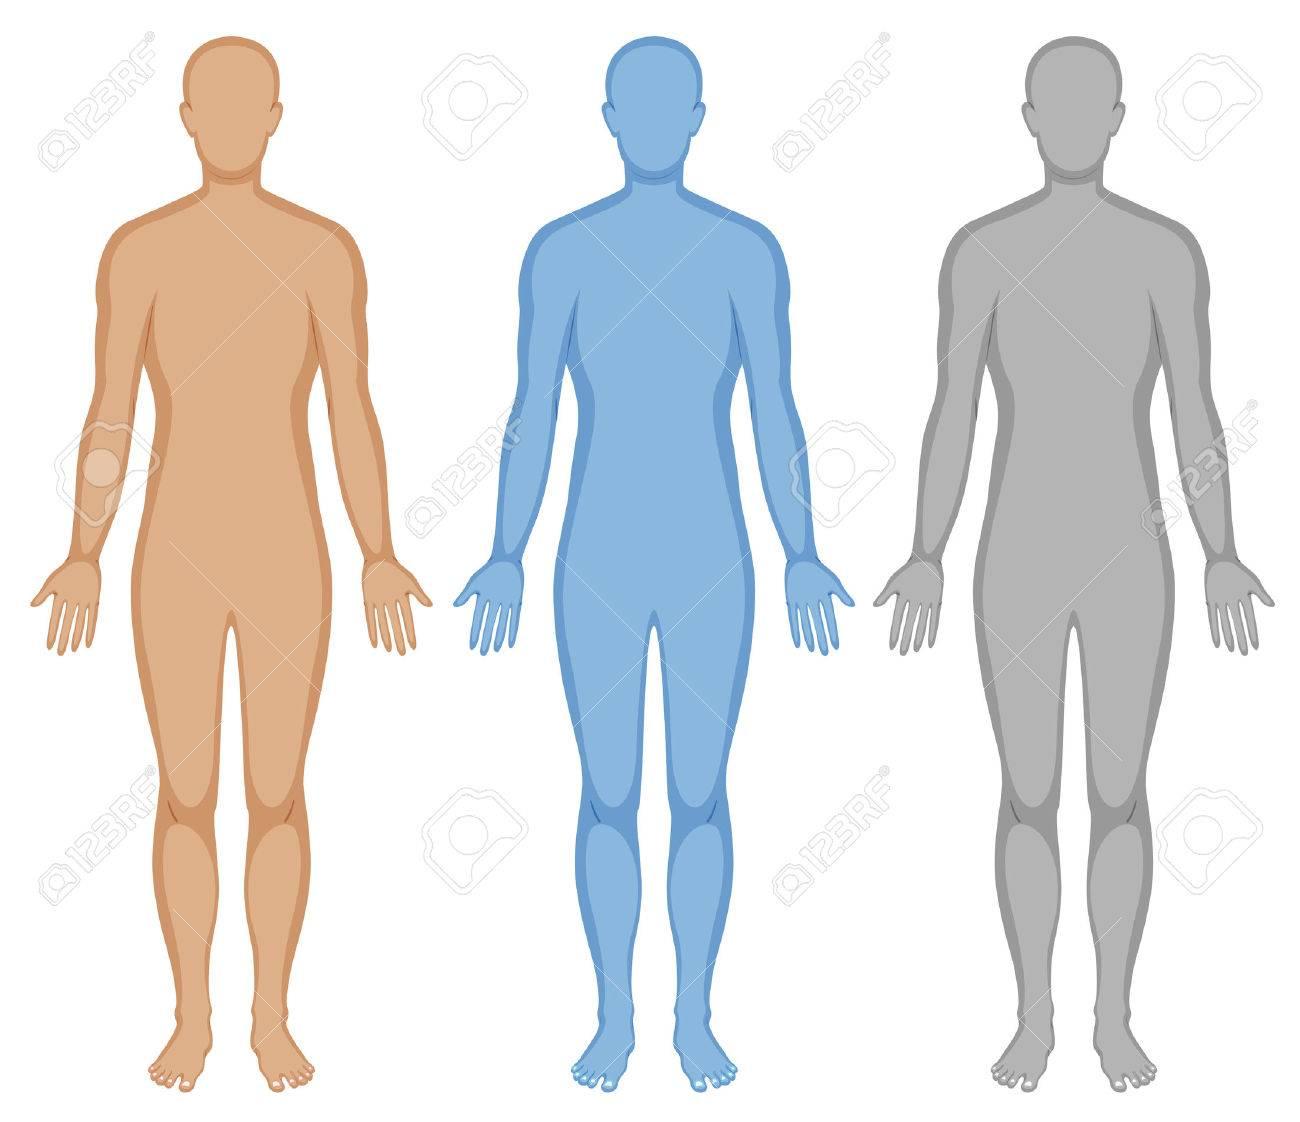 Der Menschliche Körper Kontur In Drei Farben Abbildung Lizenzfrei ...